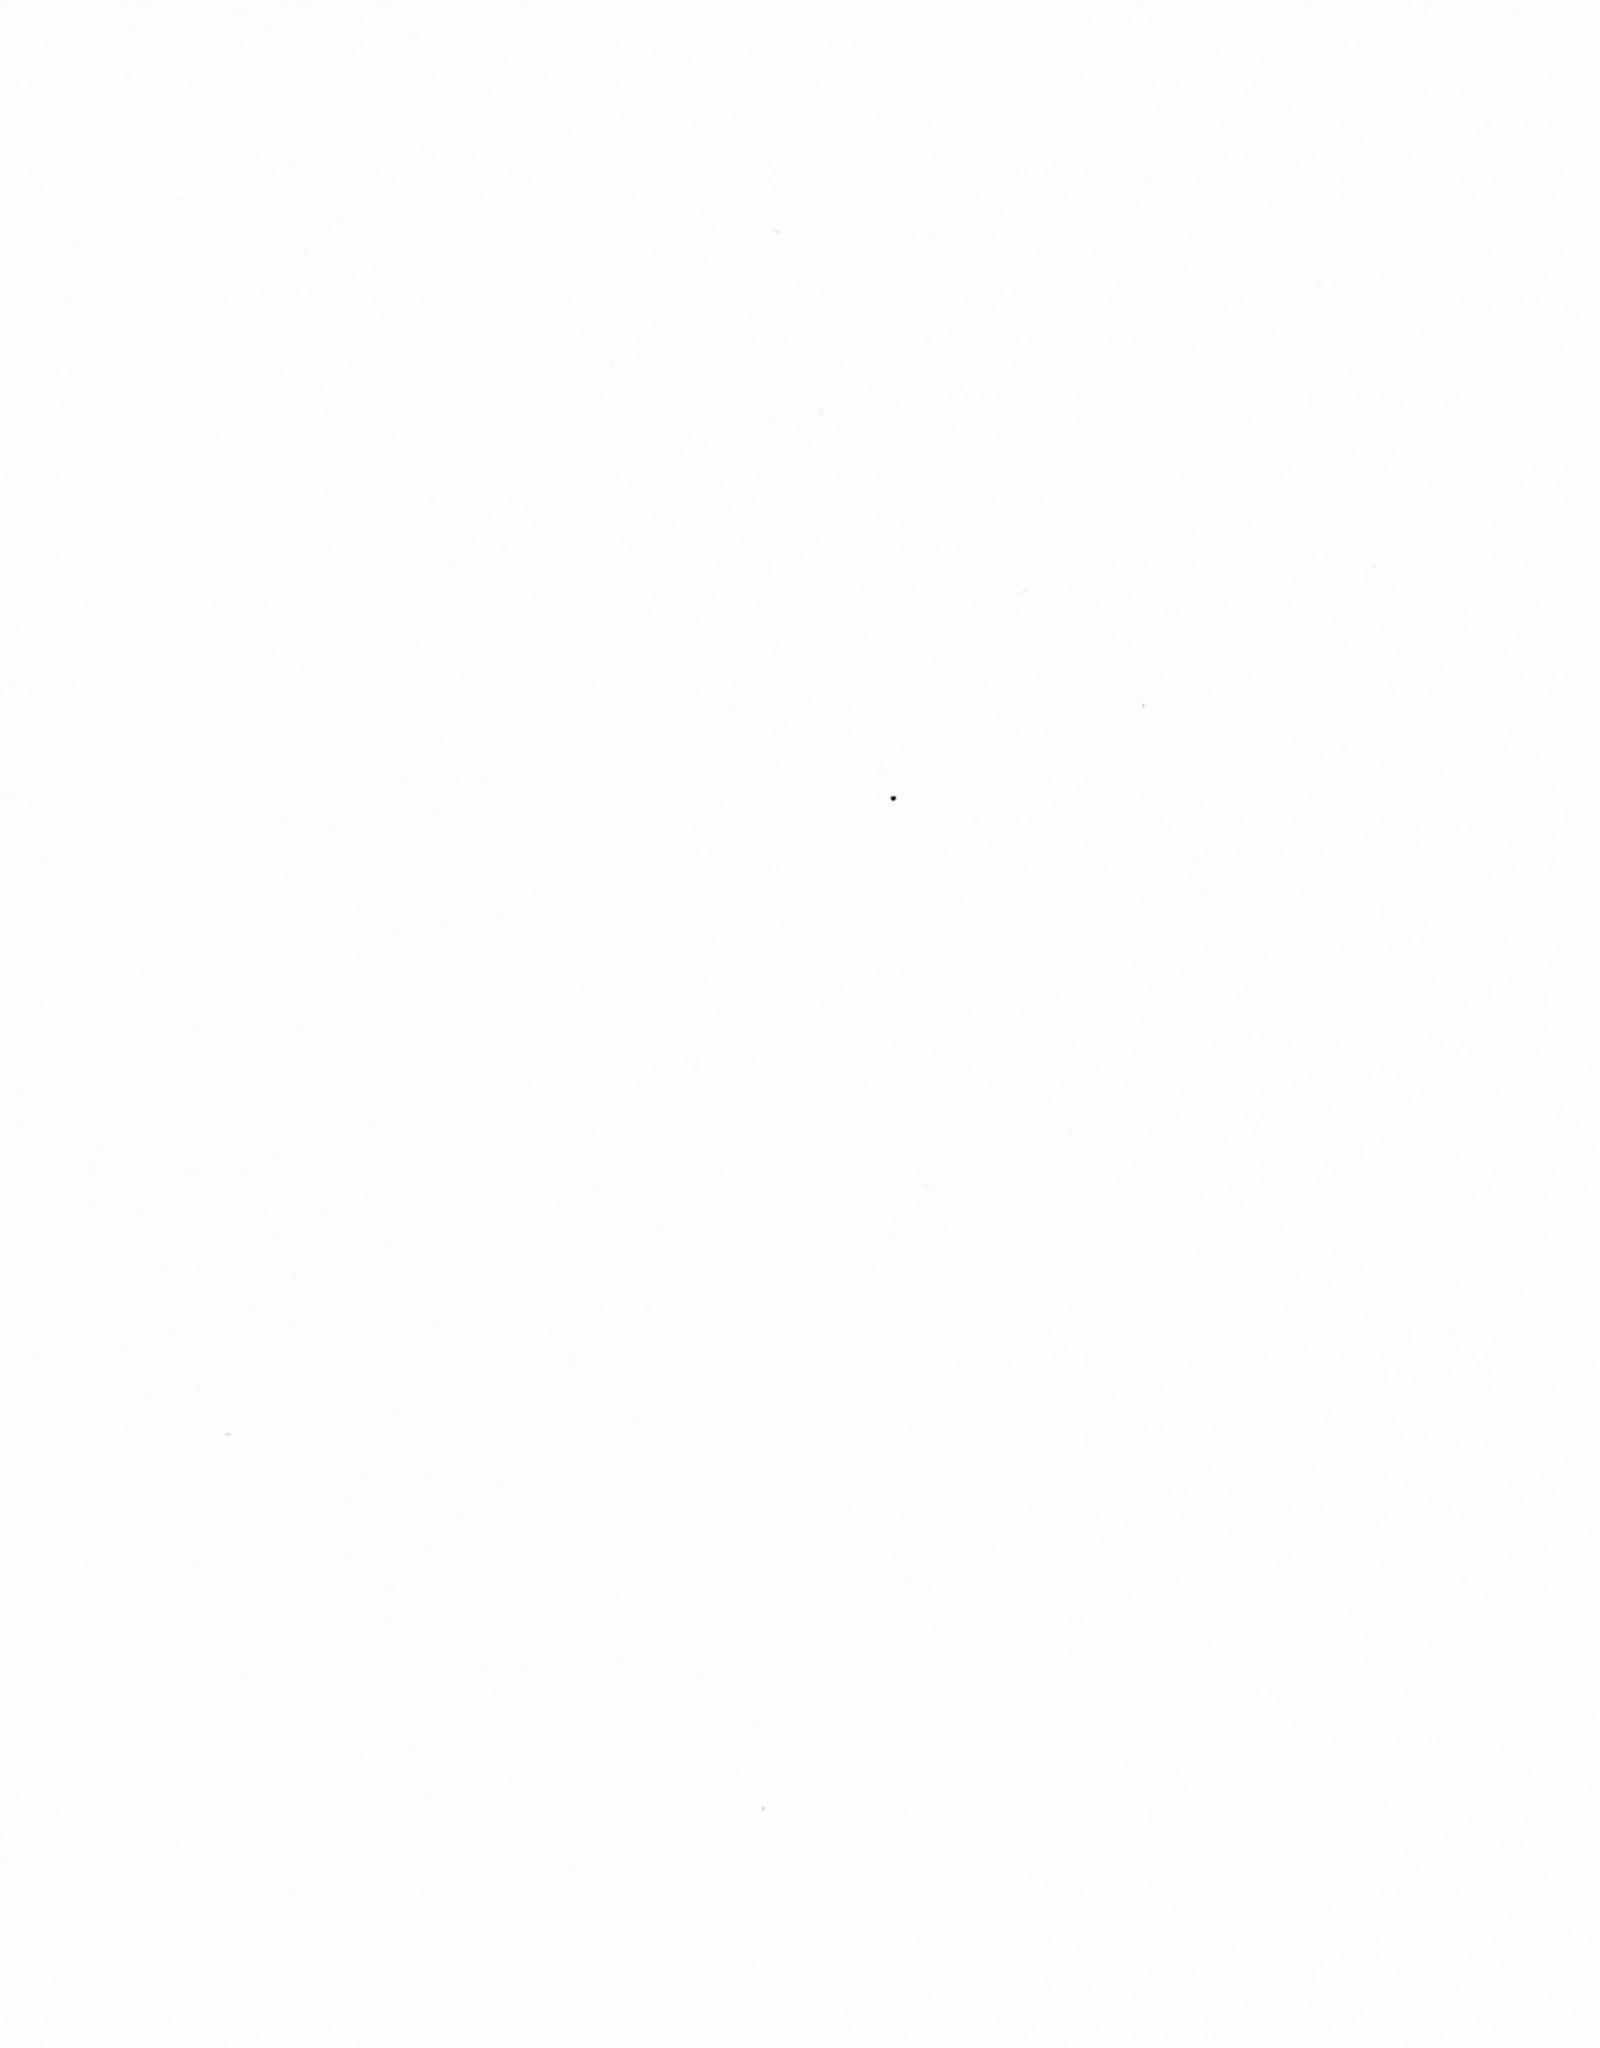 """Fabriano Artistico Watercolor Roll, White, Hot Press,140 #, 55"""" x10 yards"""